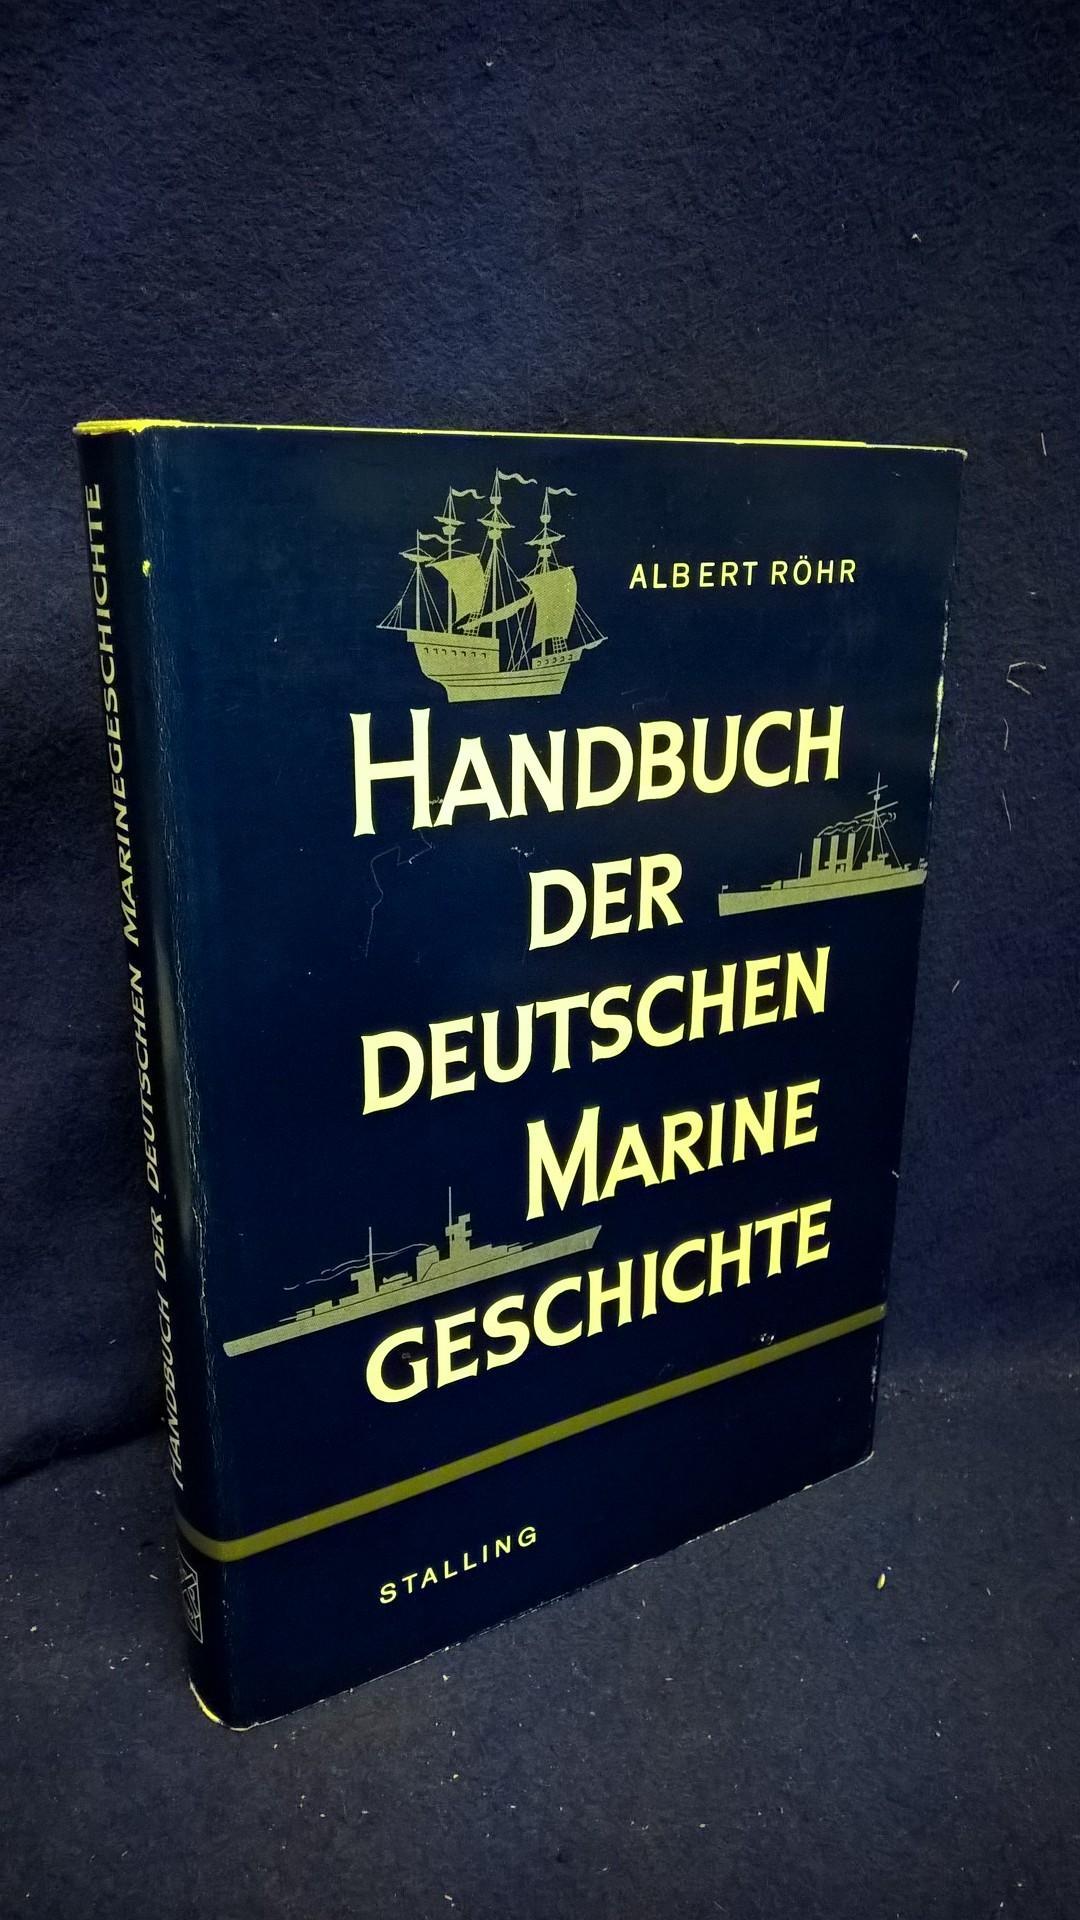 Handbuch der deutschen Marine Geschichte